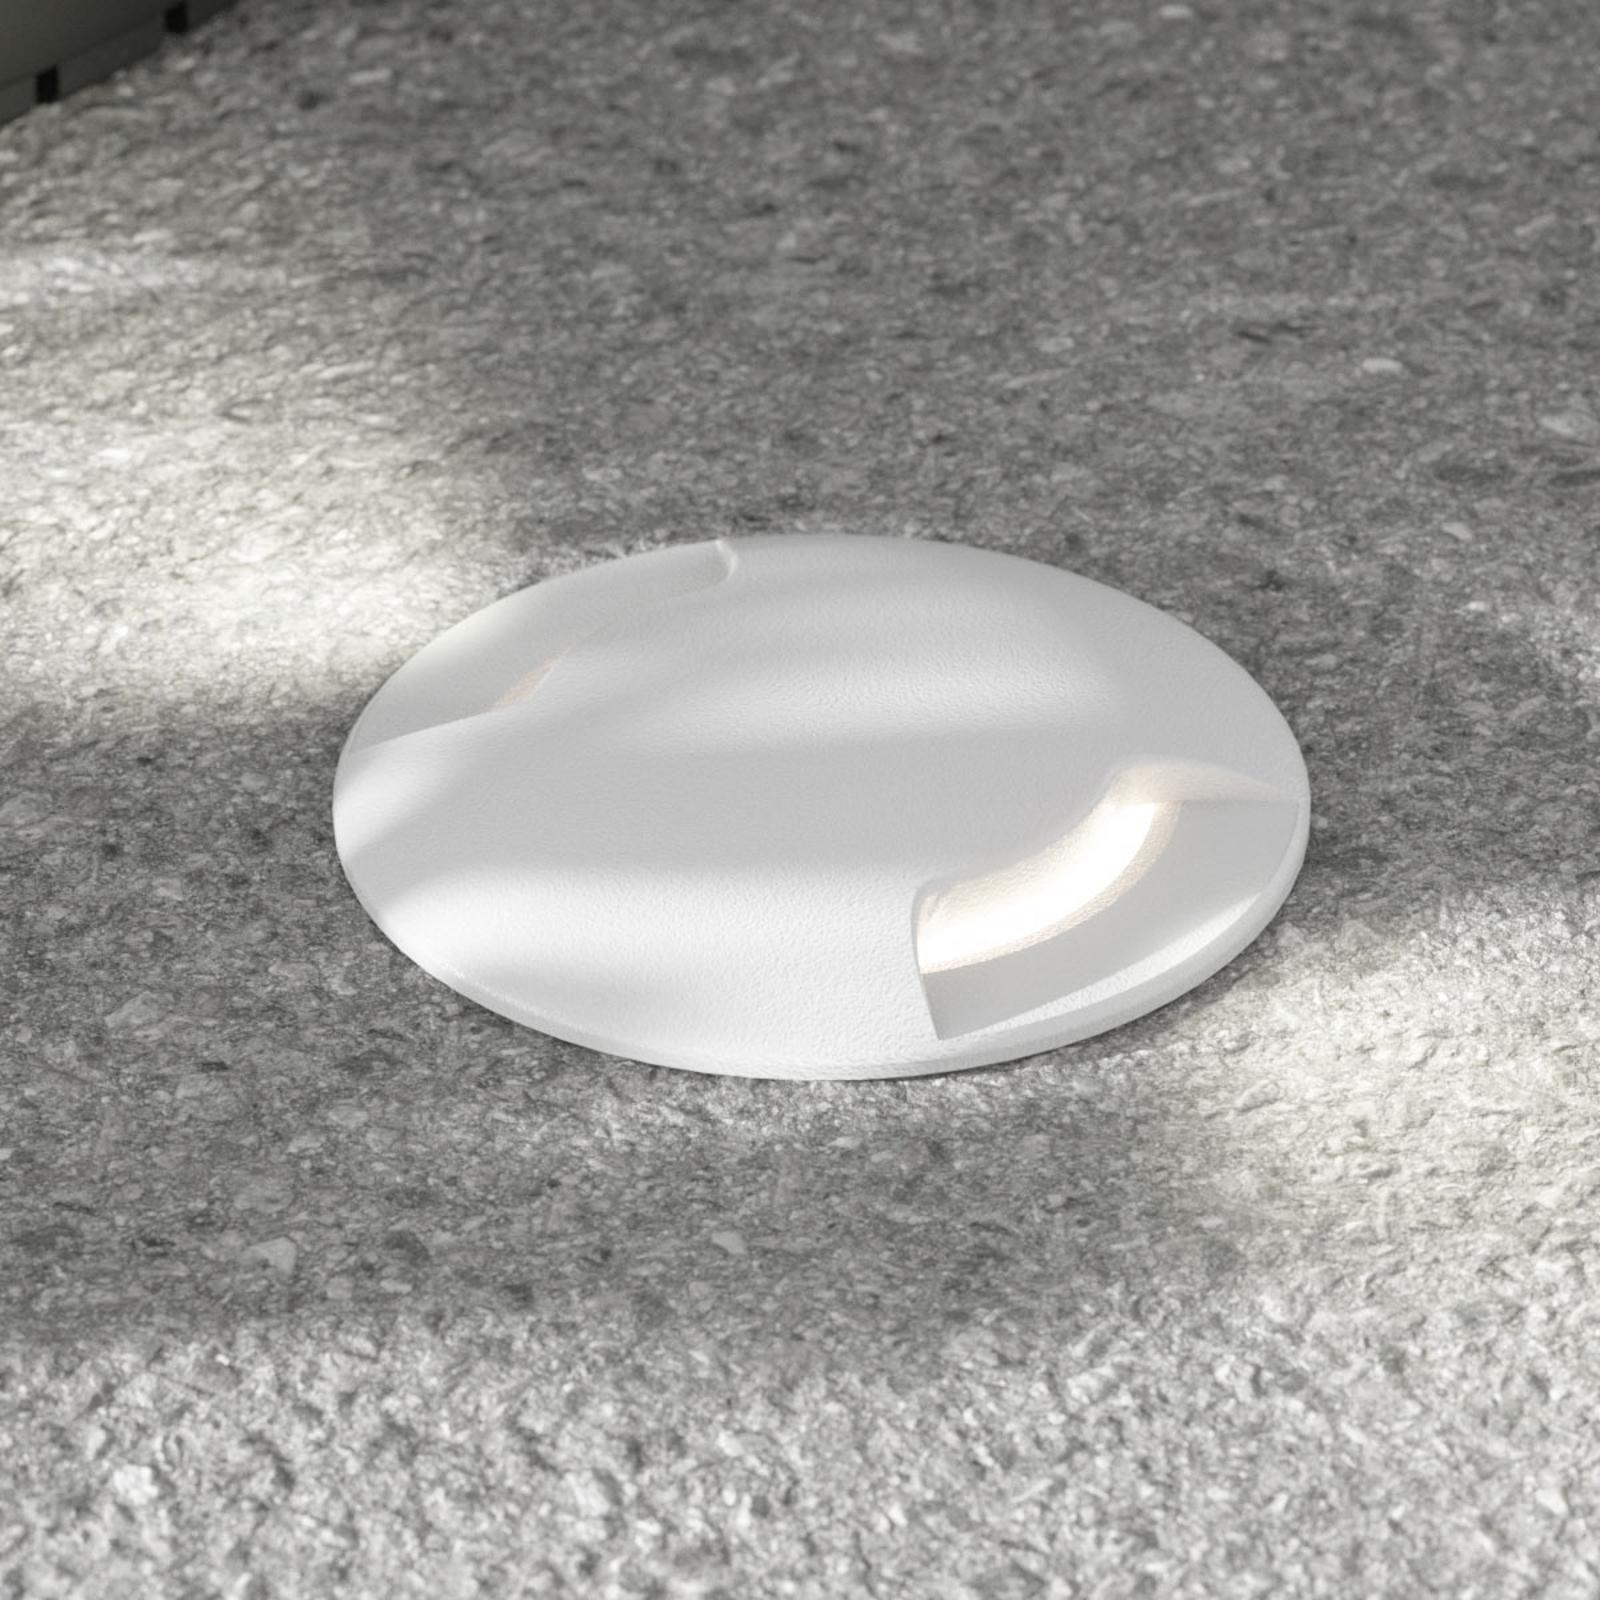 Acquista Faretto da incasso a terra LED Ceci 160-2L, grigio